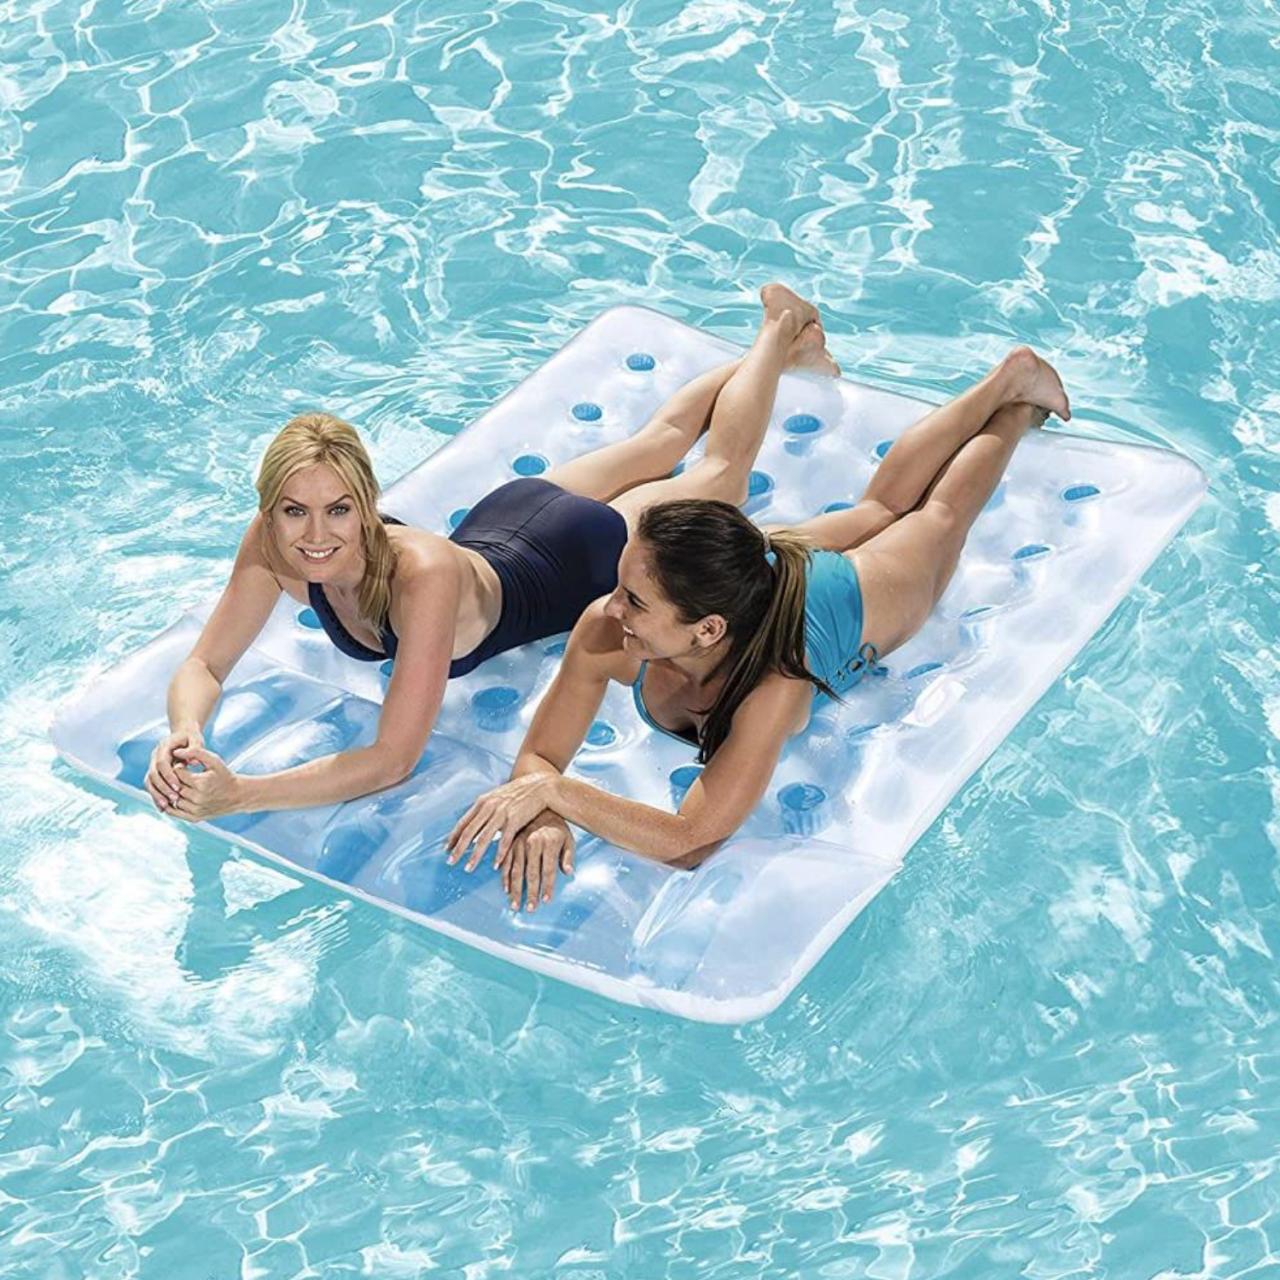 Bestway Doppel Luftmatratze Badeliege Schwimmliege aufblasbar Wasserliege 43055